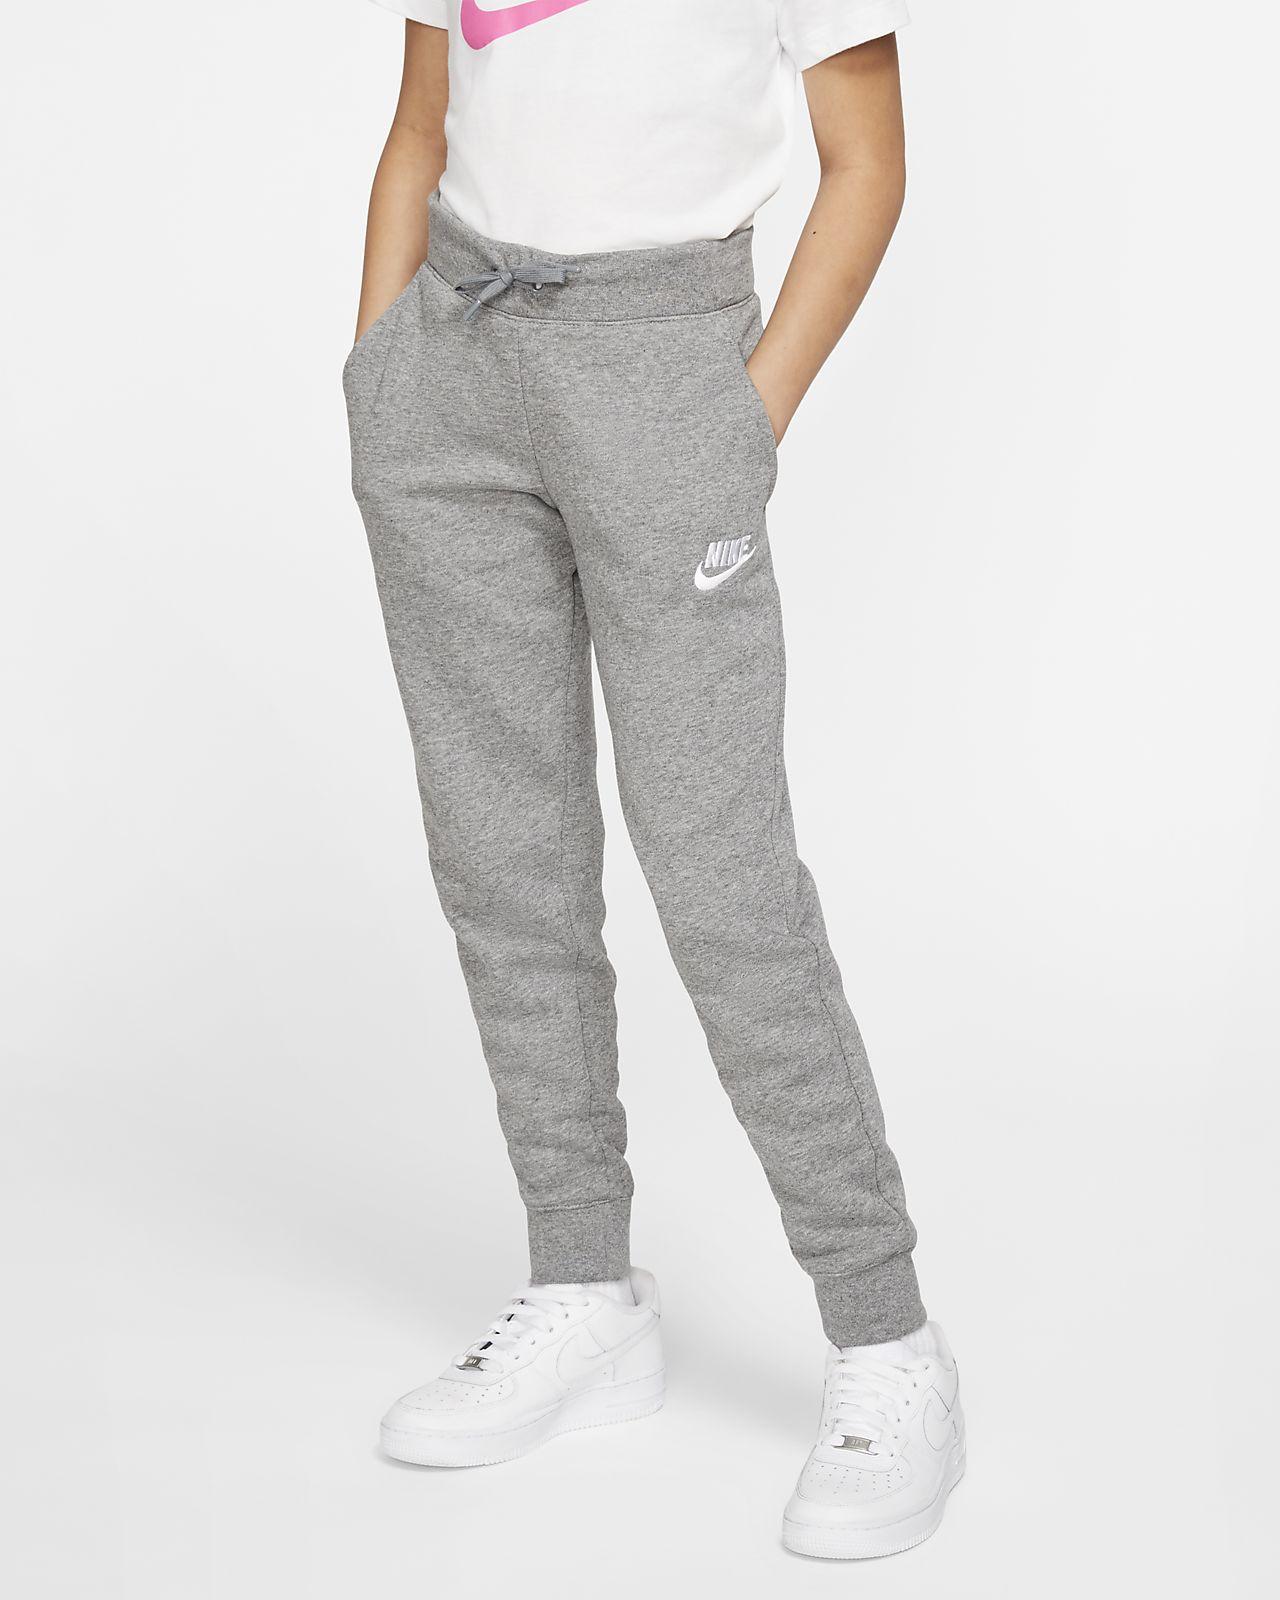 pantaloni football americano nike